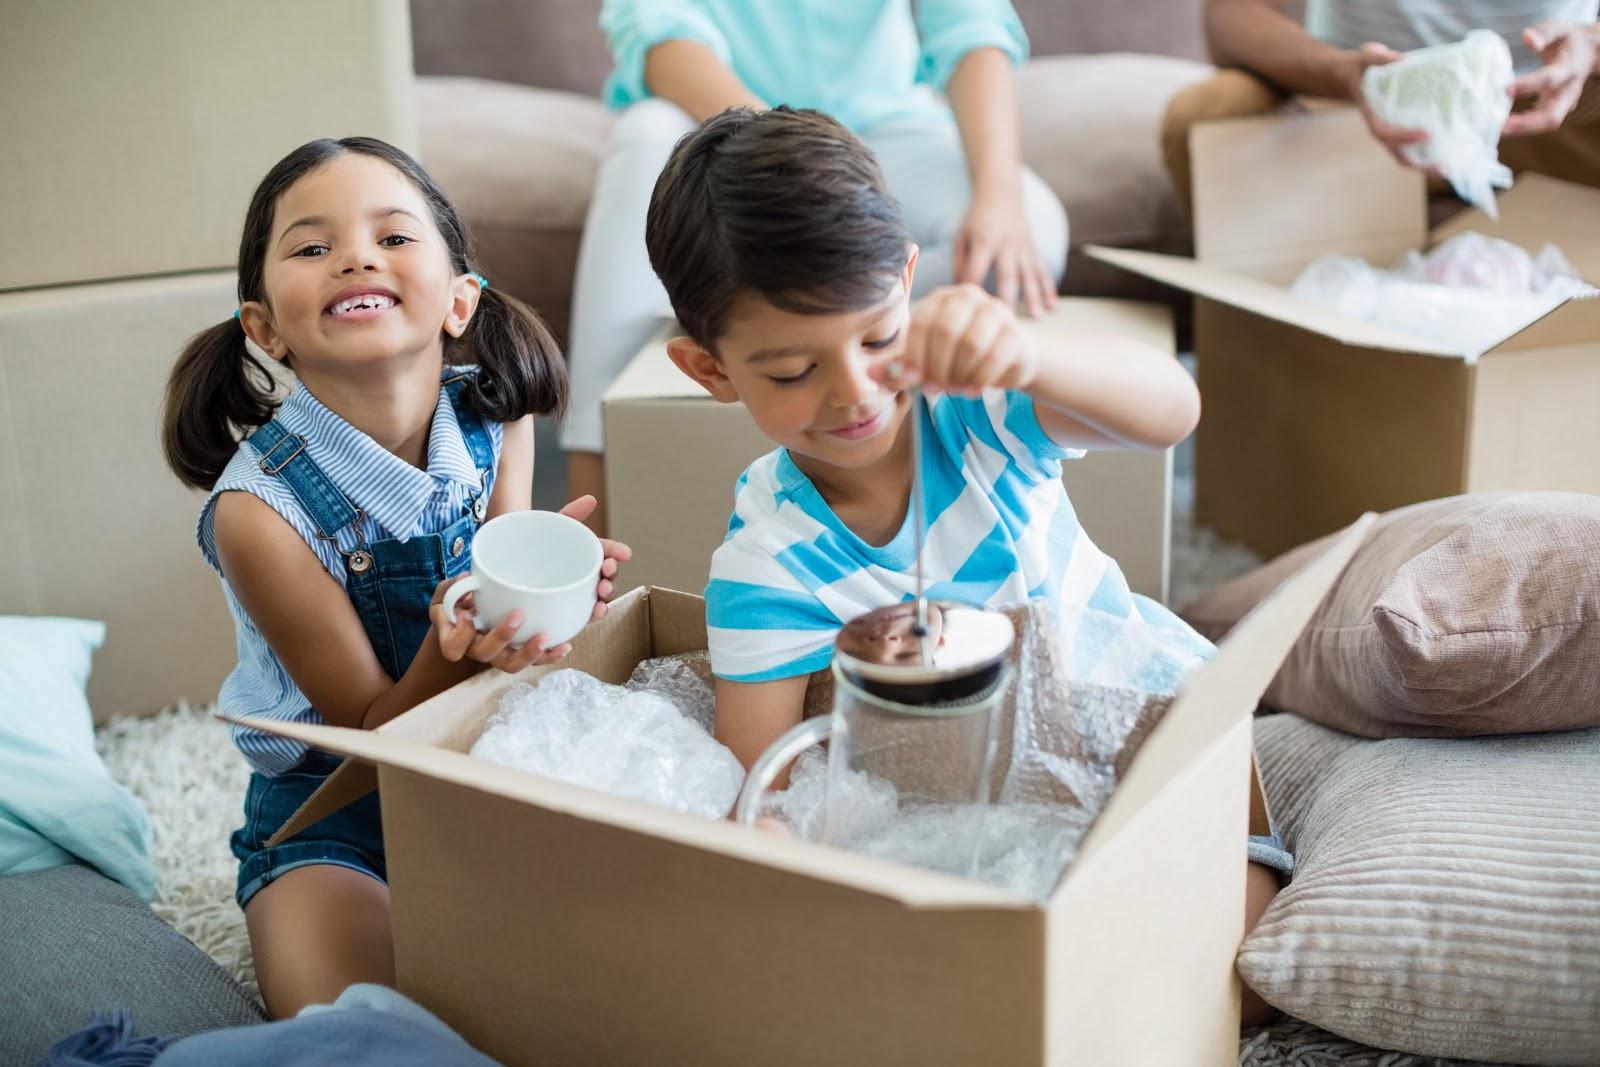 Duas crianças brincando com objetos empacotados em uma caixa.